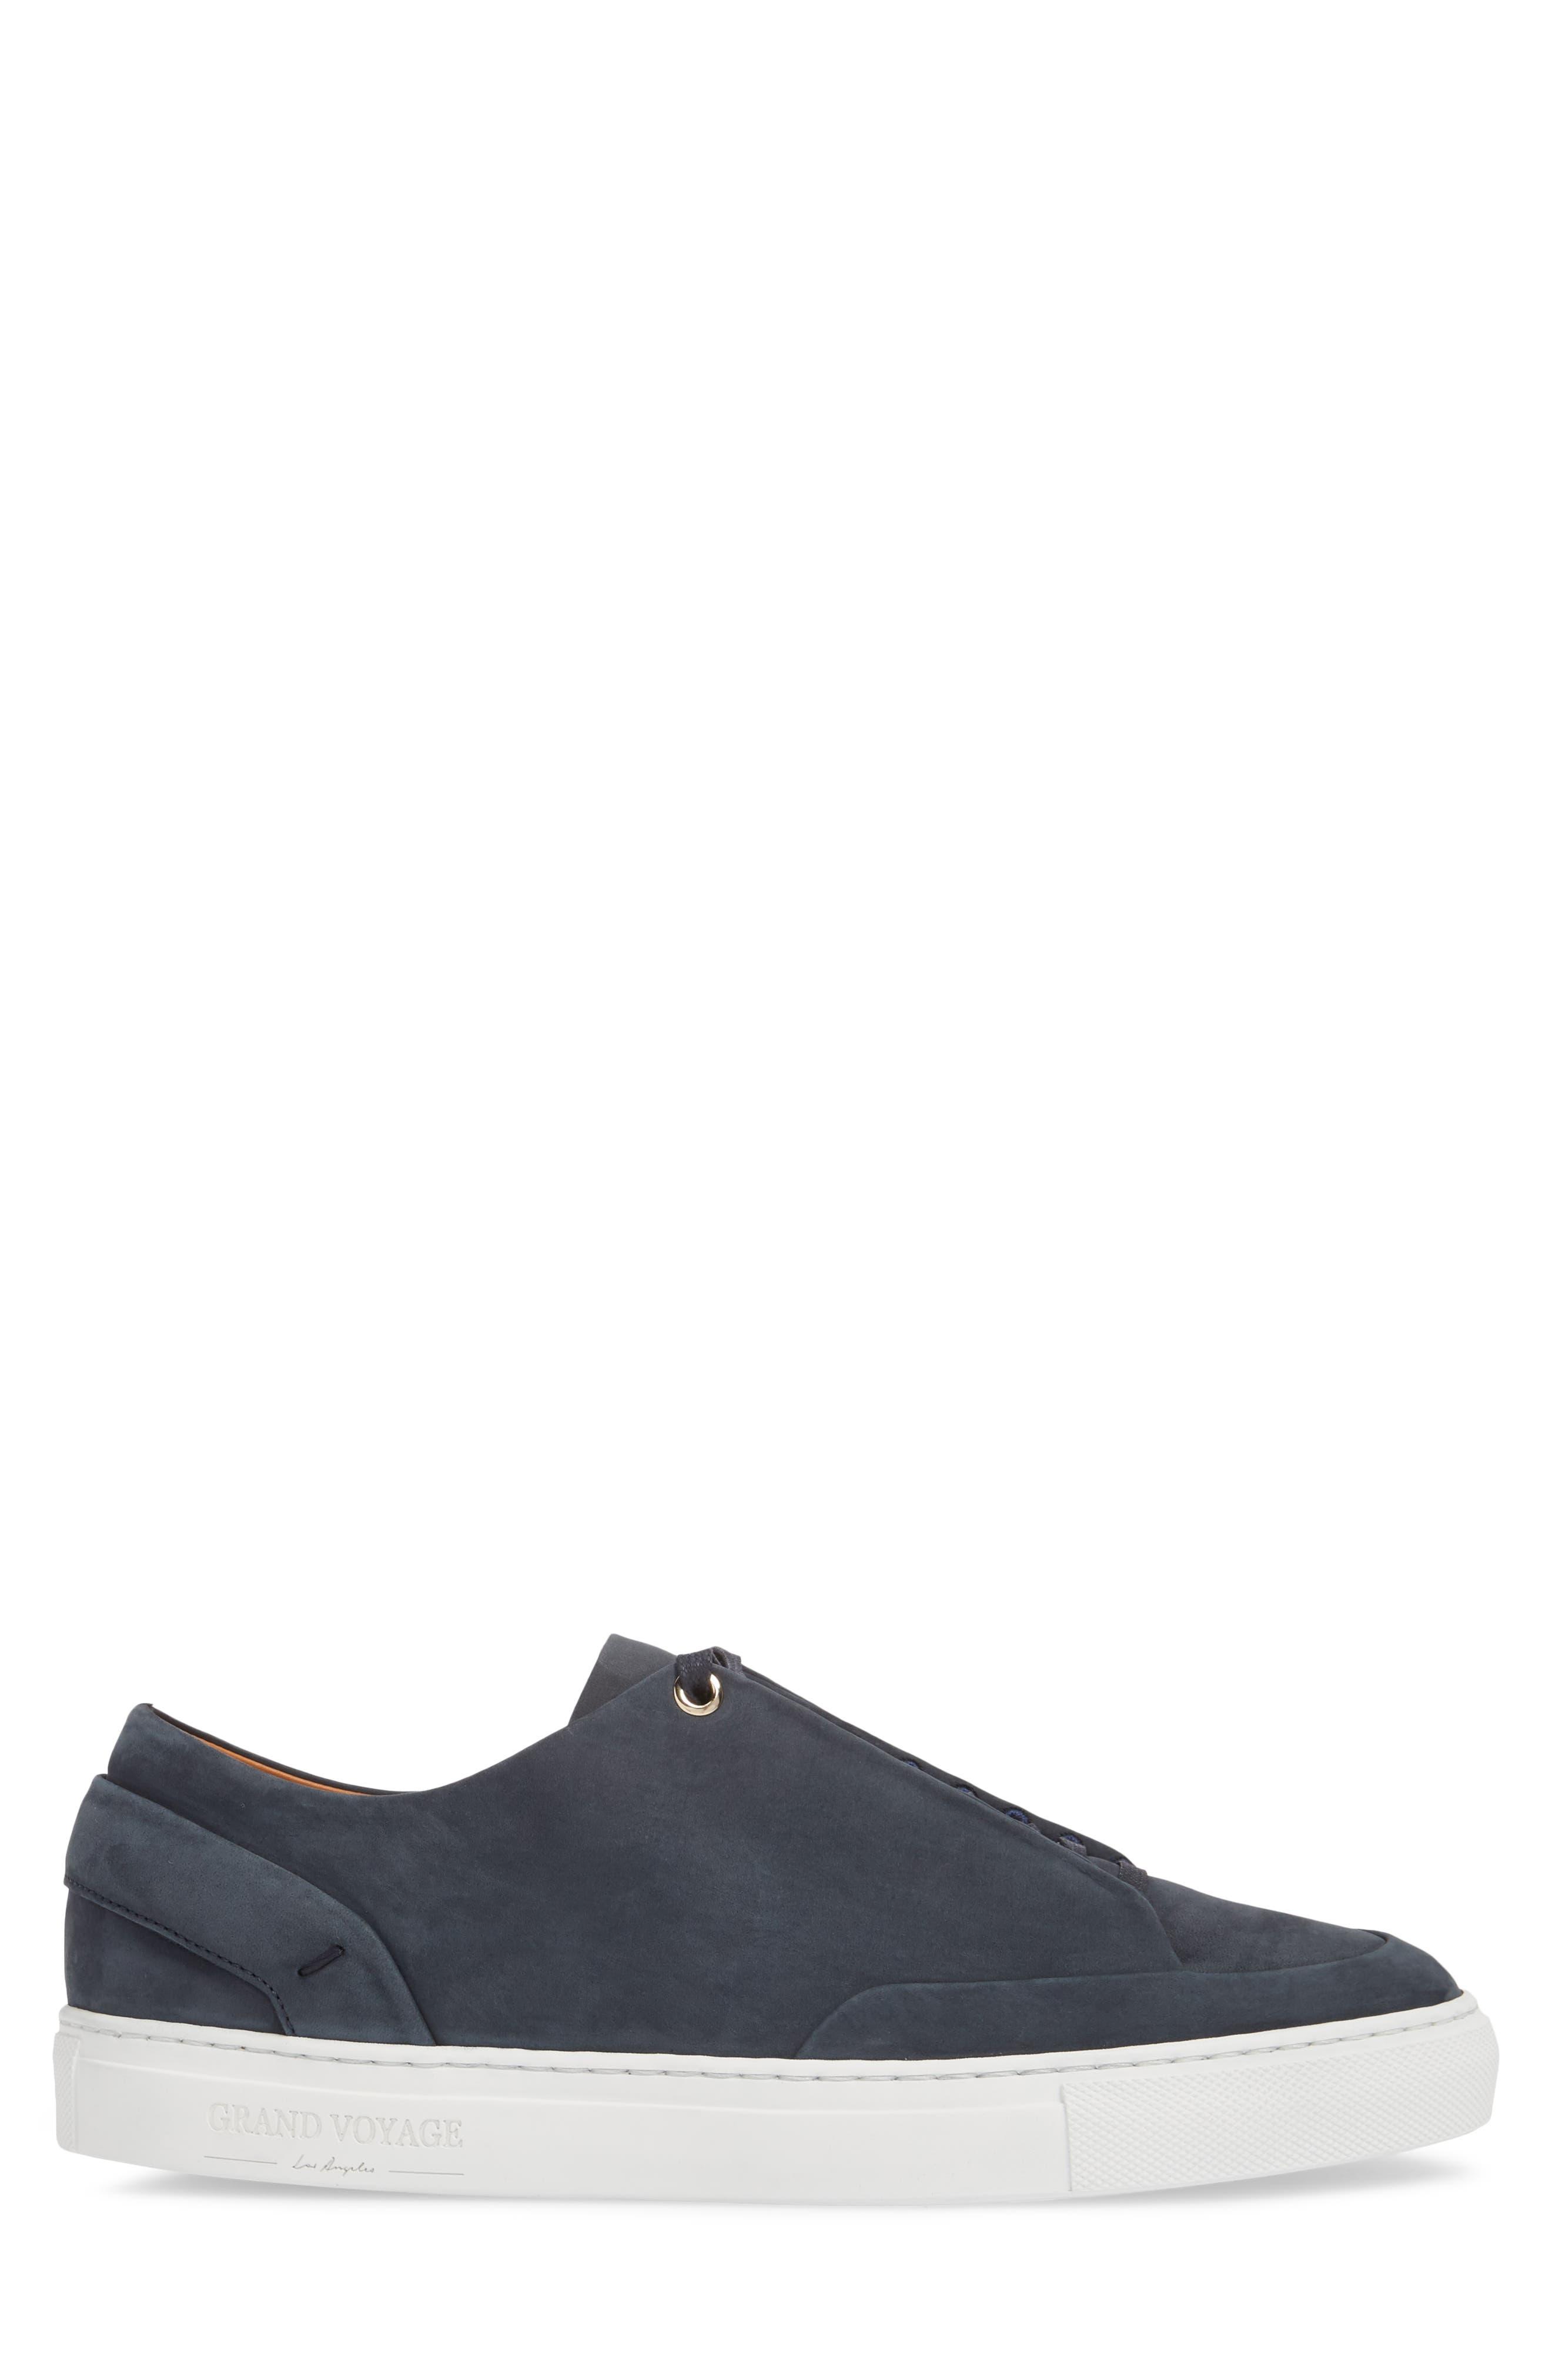 Avedon Sneaker,                             Alternate thumbnail 3, color,                             Navy Nubuck Leather